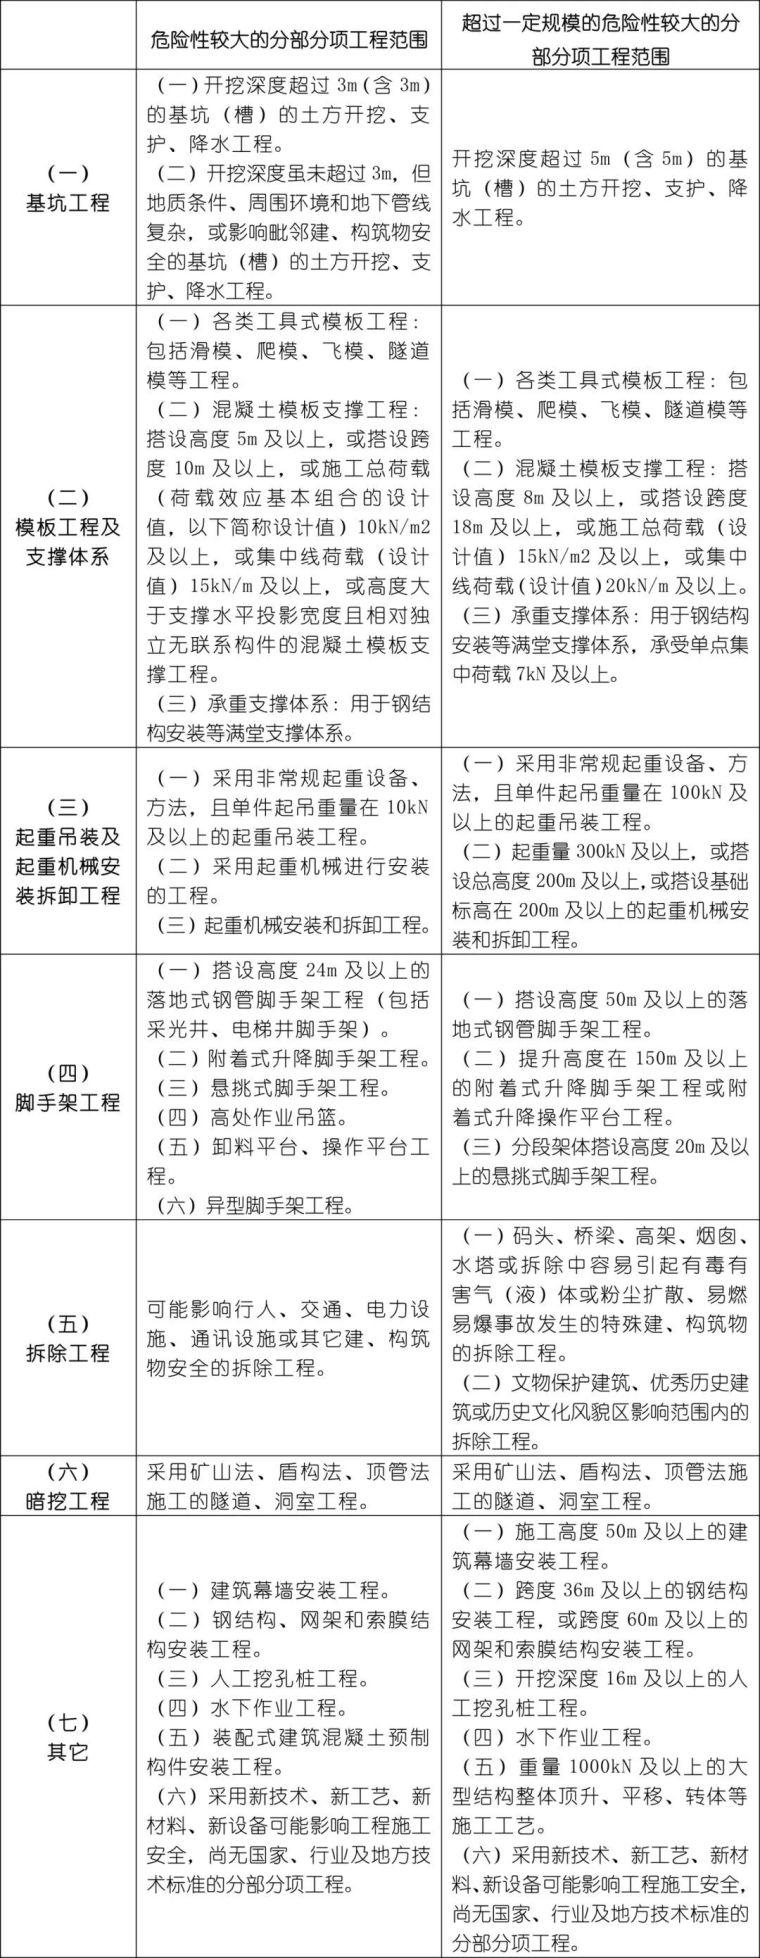 """危大方案编制资料下载-三张表搞定""""危大工程""""专项方案和专家论证"""